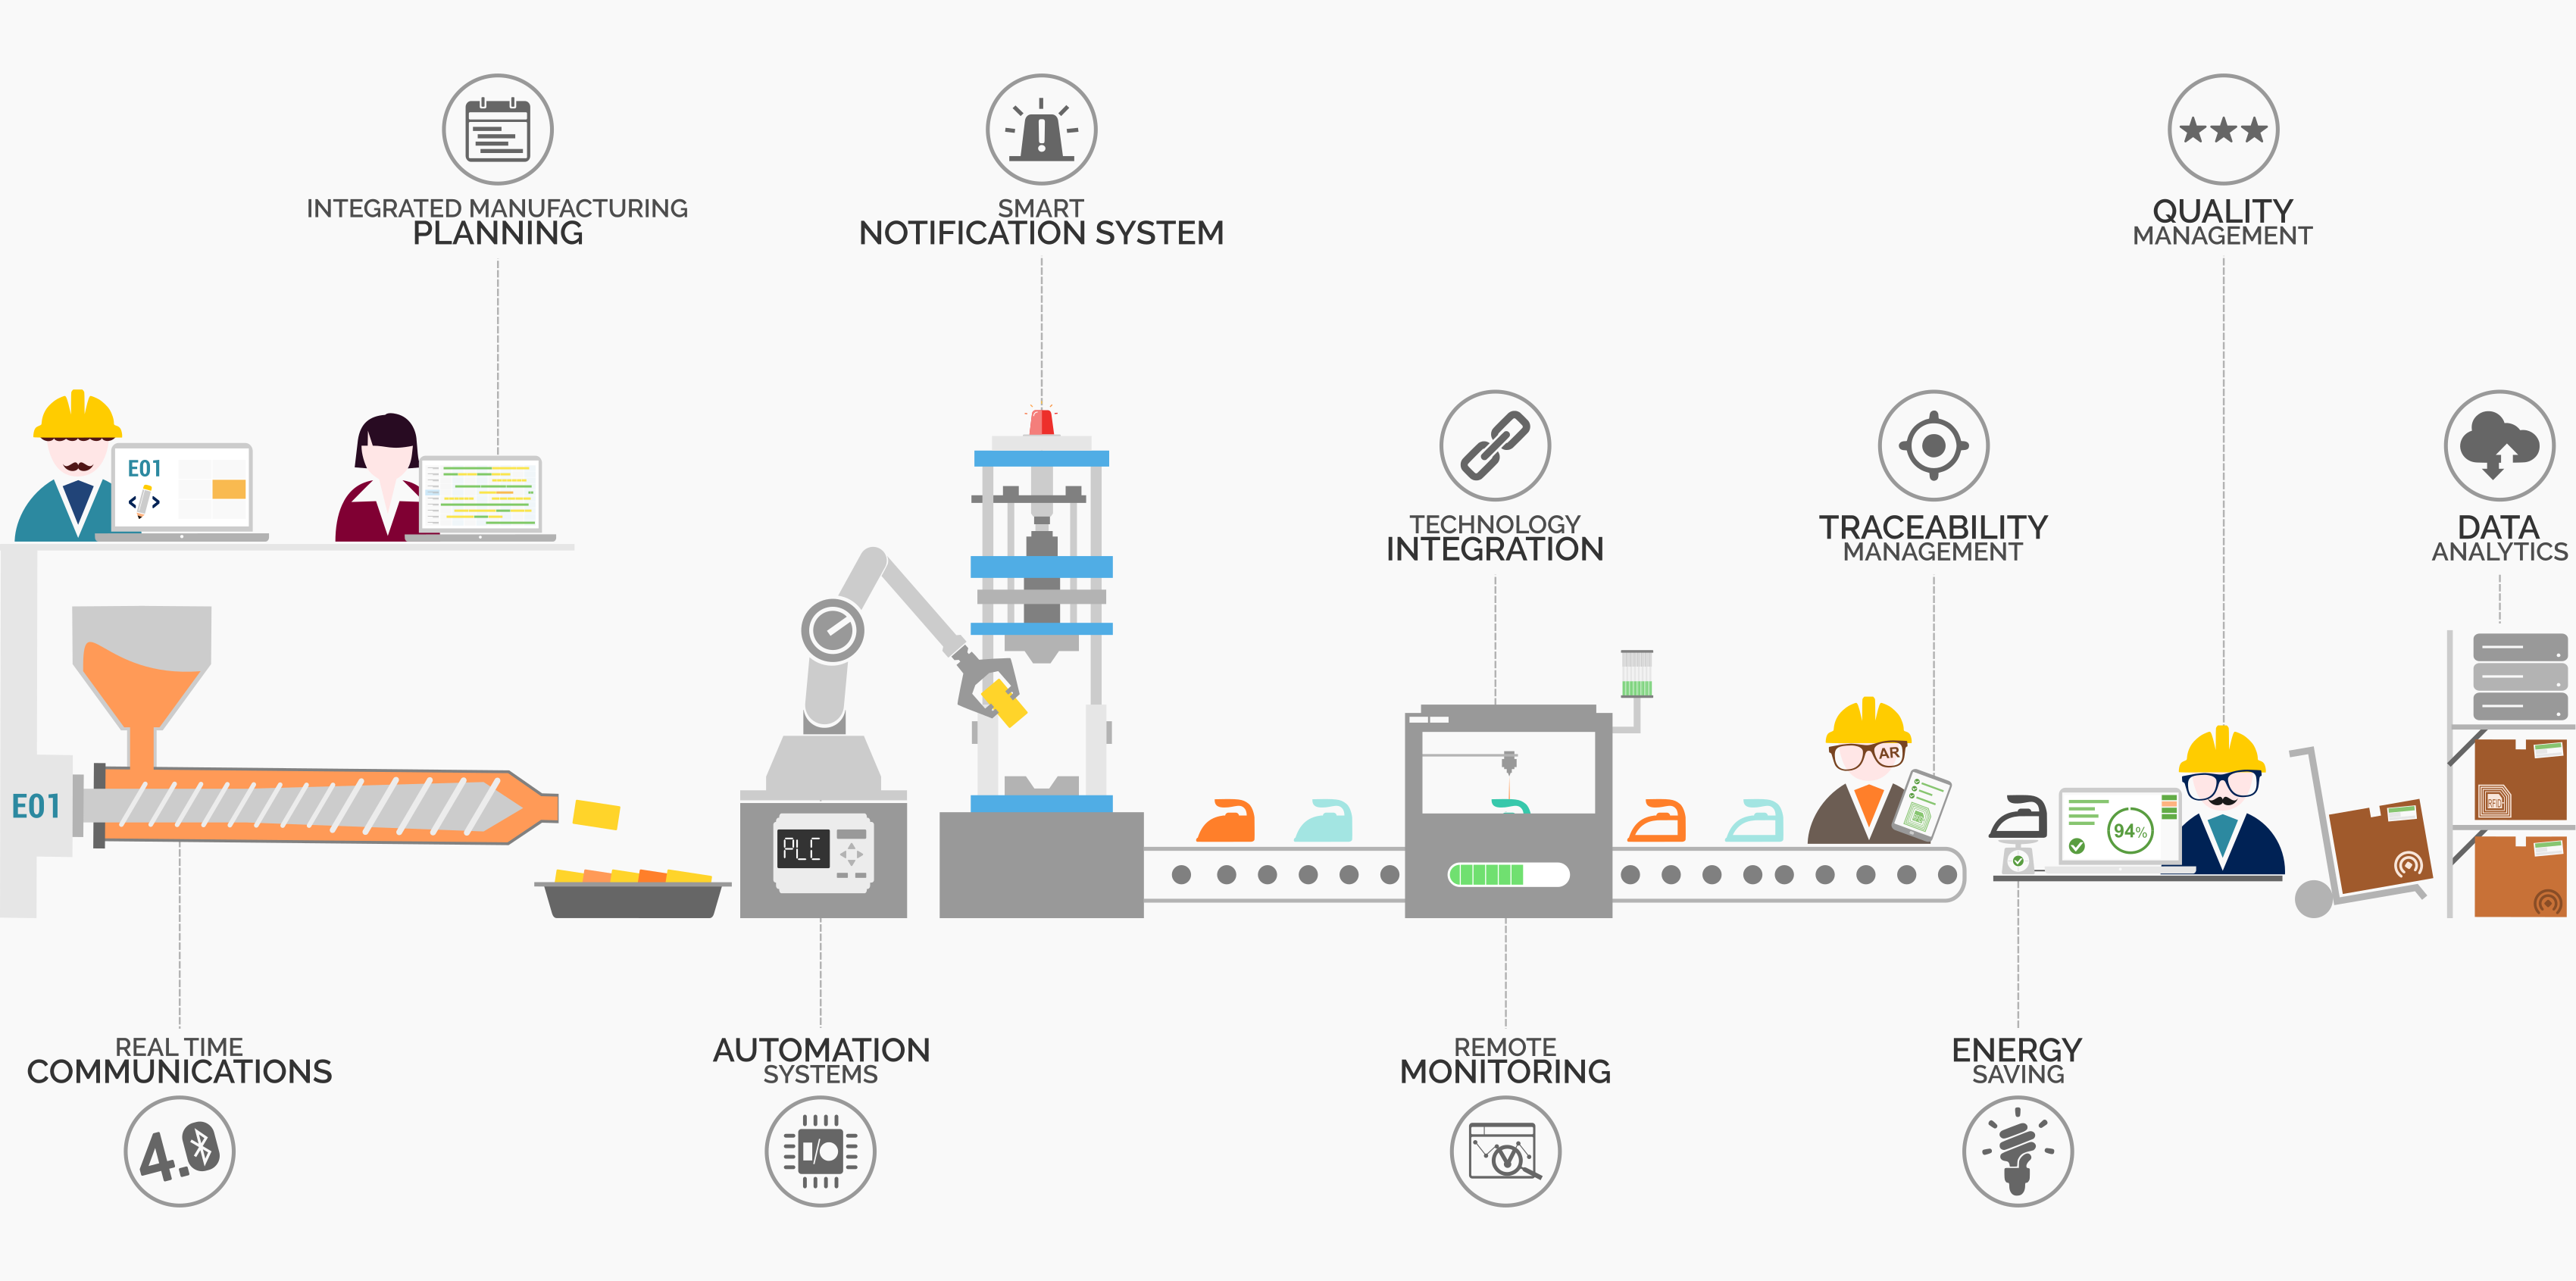 AEC Soluzioni Industria 4.0 MES